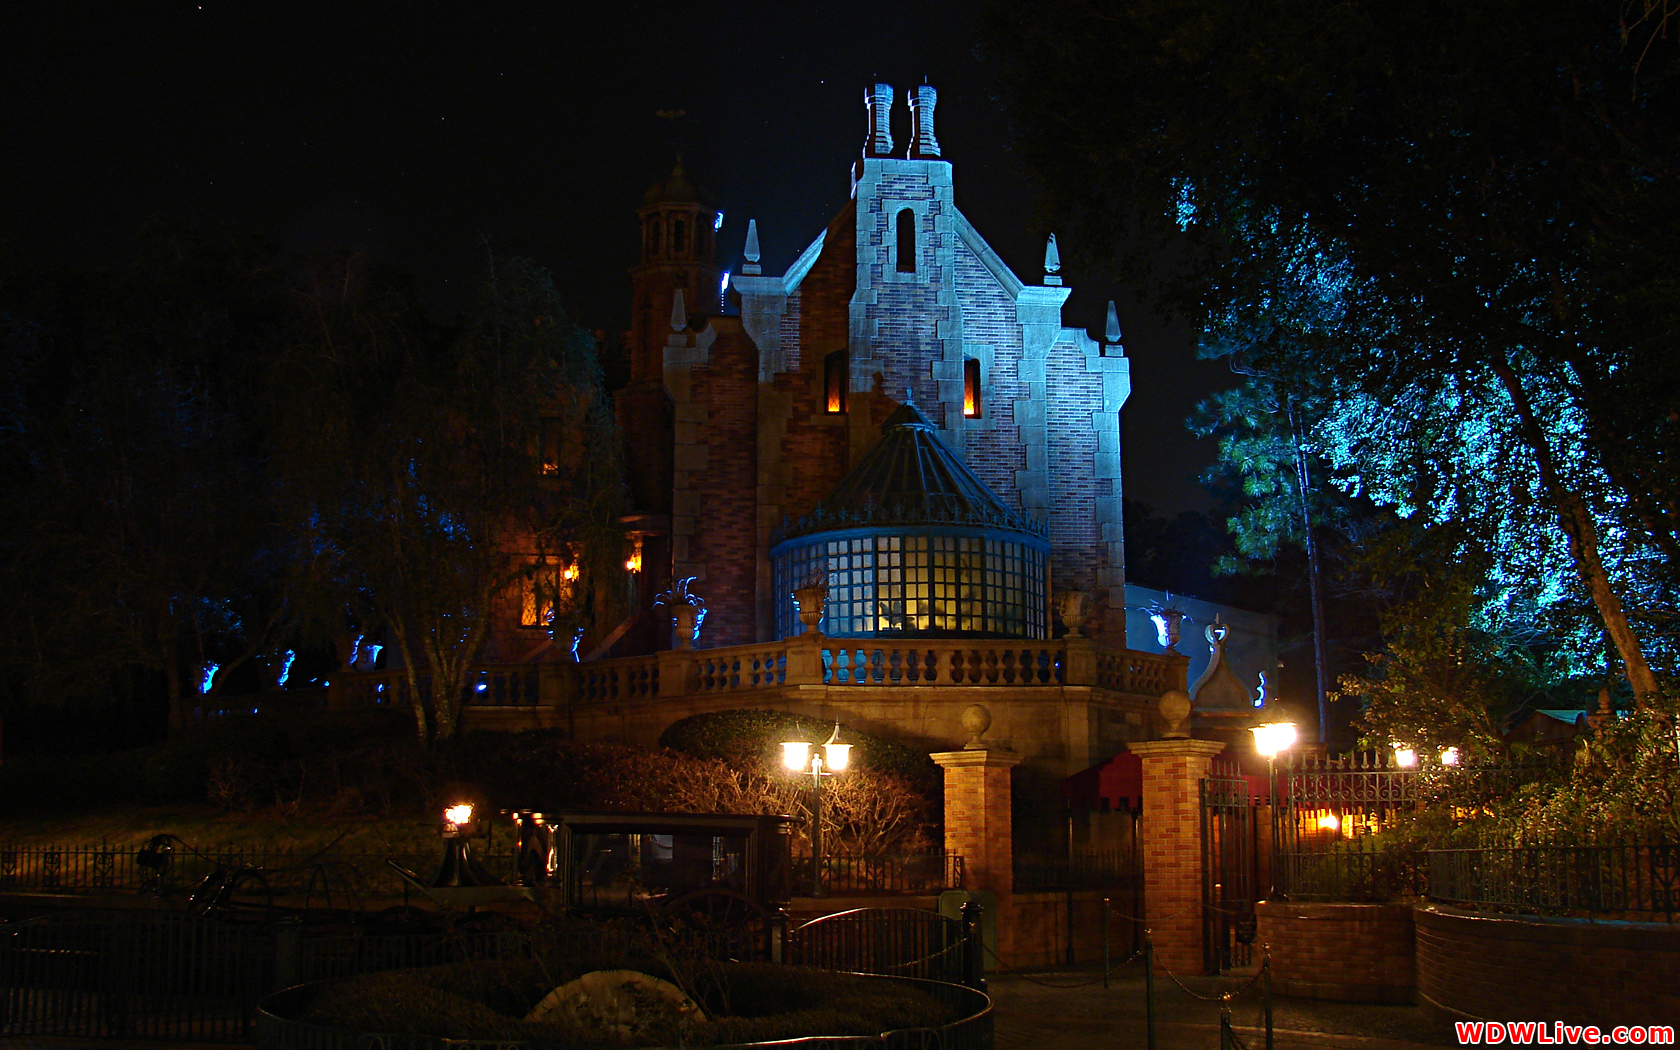 Disney Haunted Mansion Desktop Wallpaper - WallpaperSafari